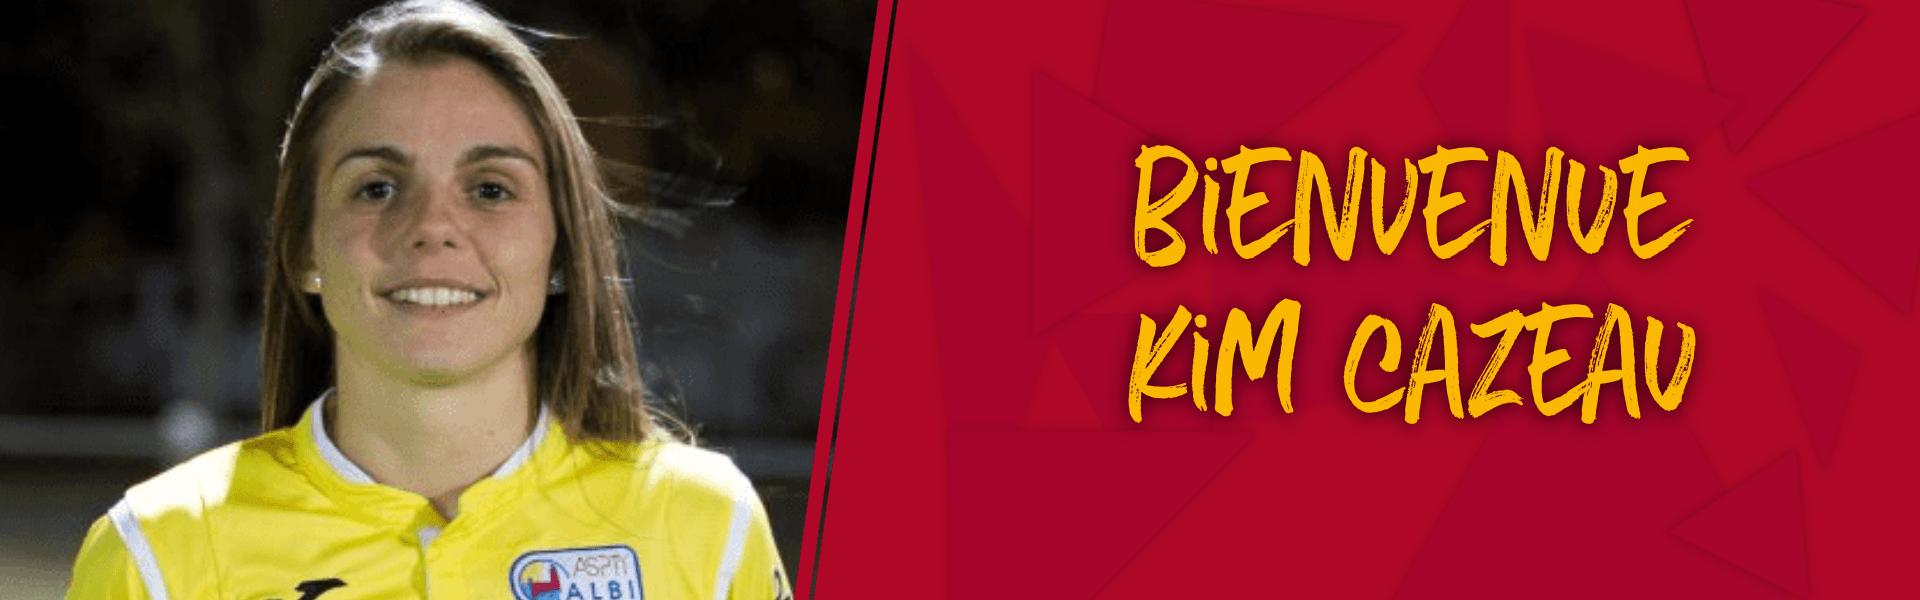 Transfert saison 2018/2019 Kim-Cazeau-bandeau